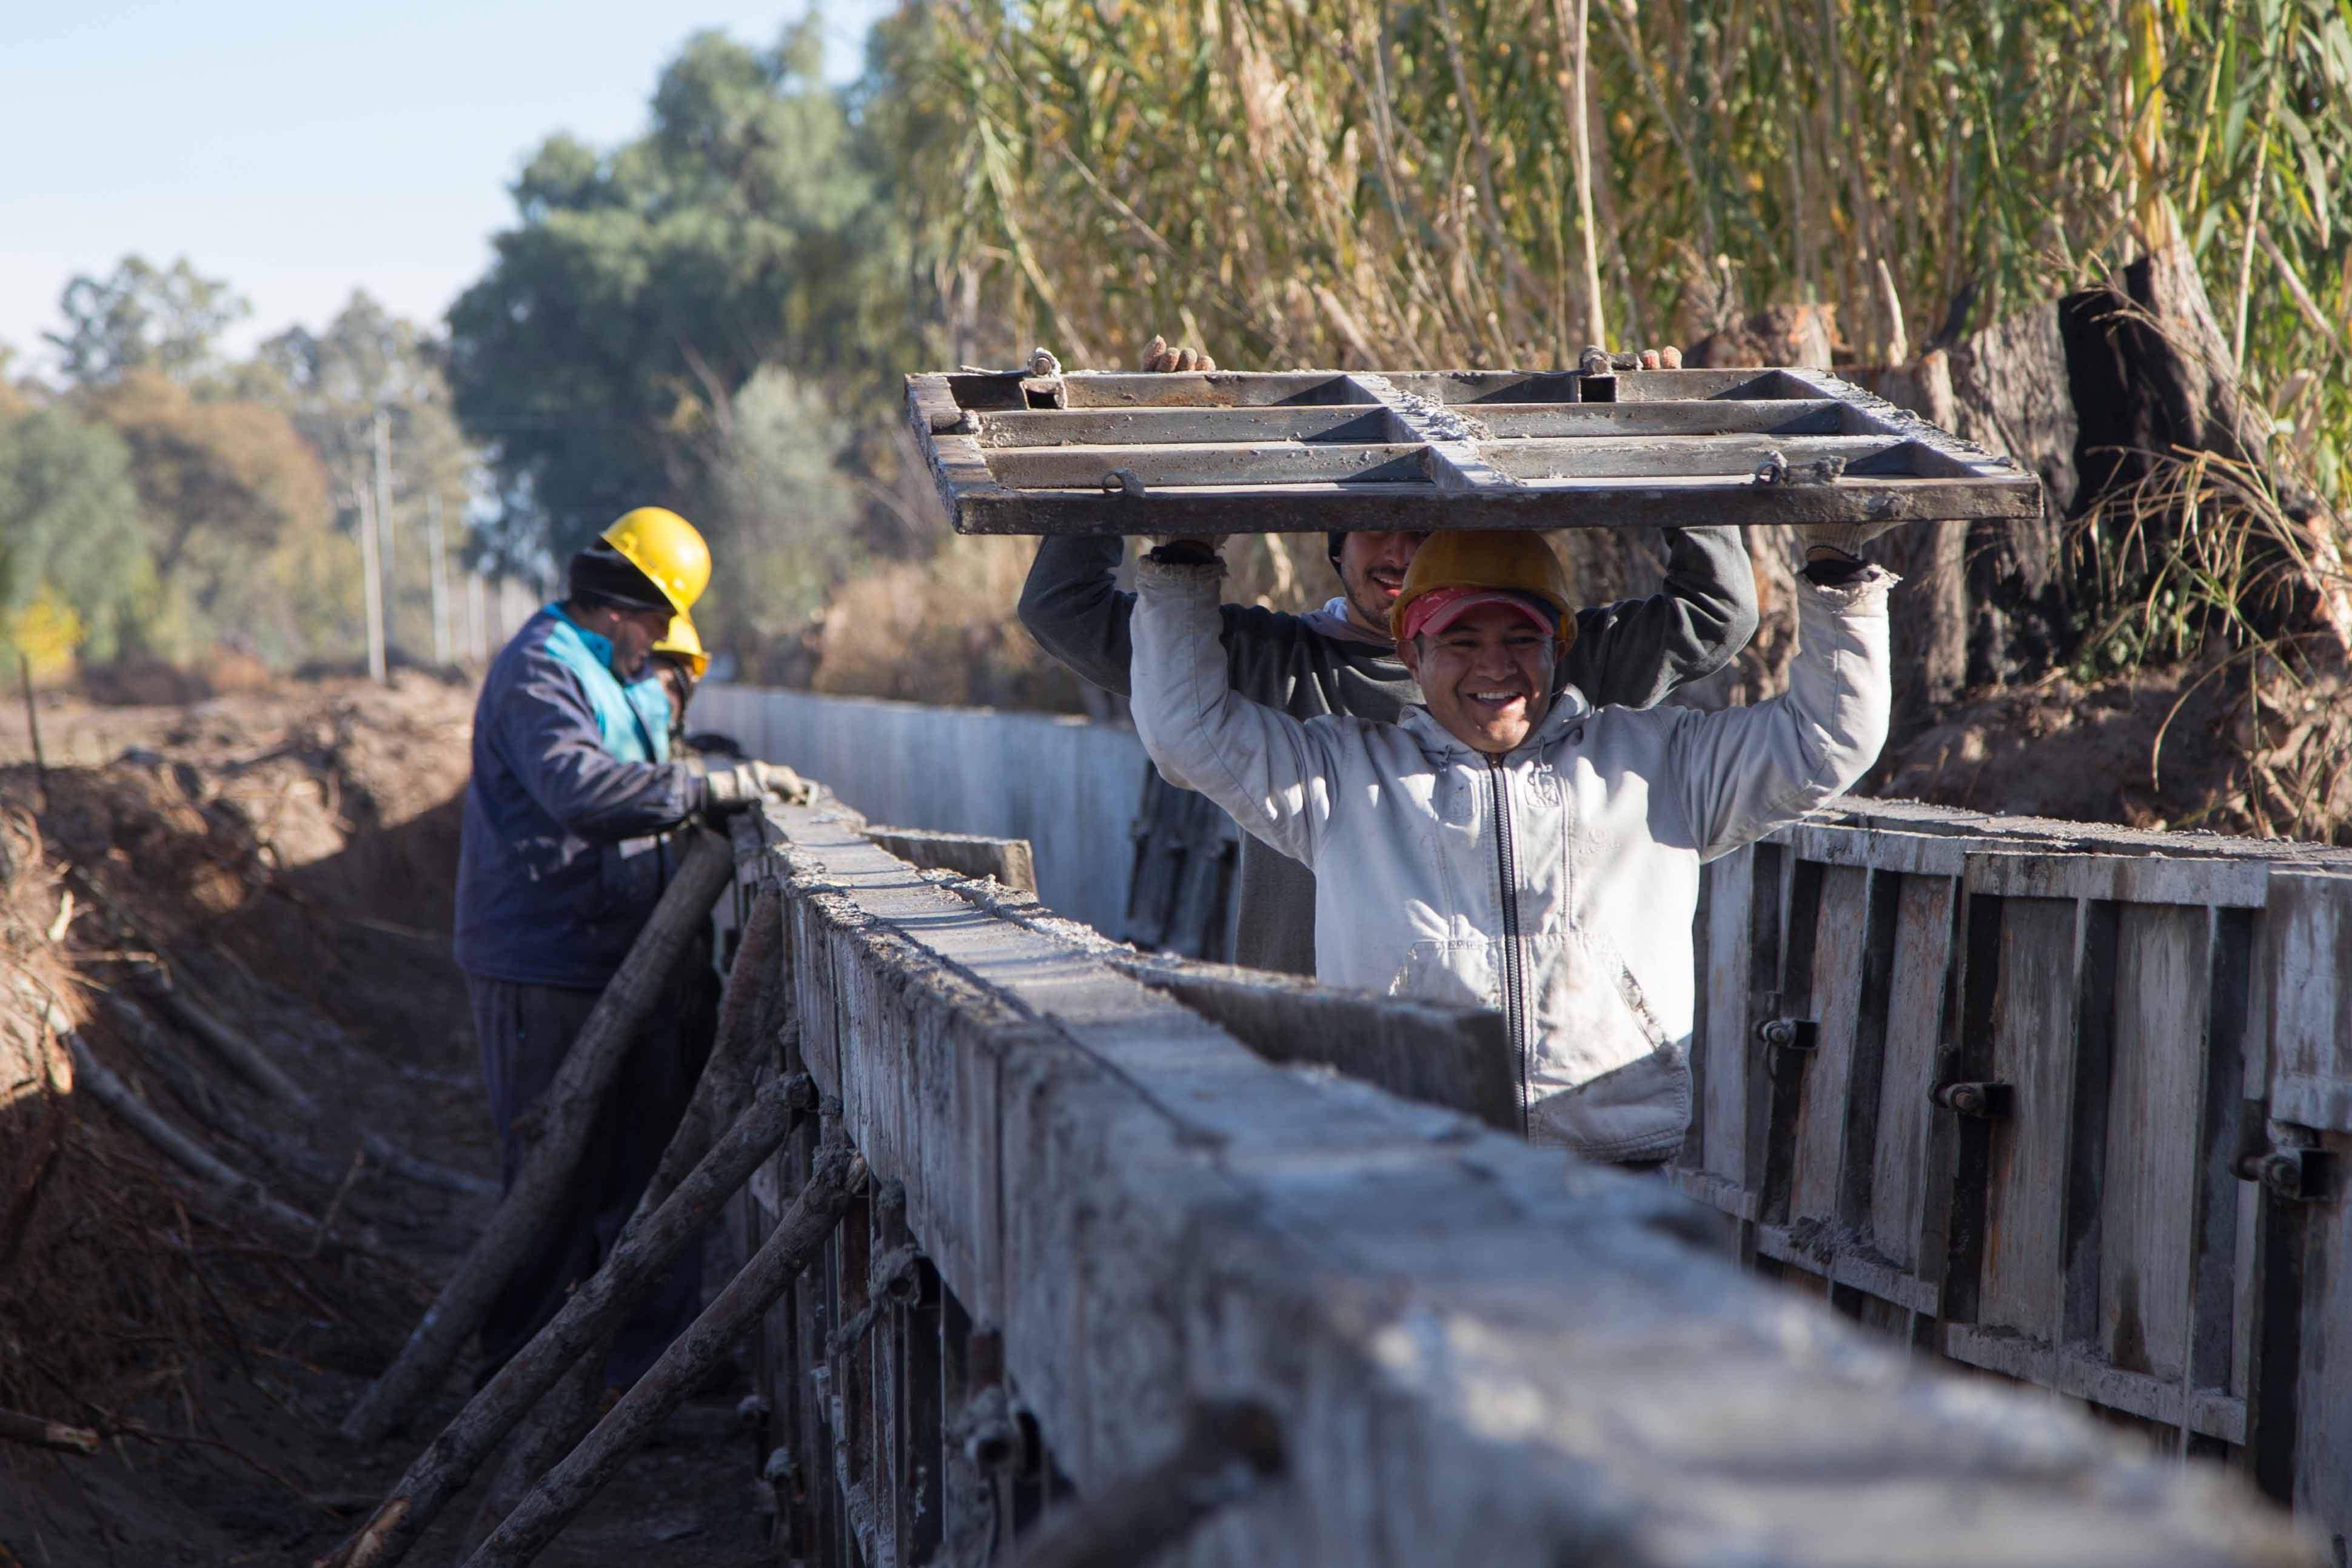 Irrigación pone a punto canales en la cuenca del río Tunuyán Inferior